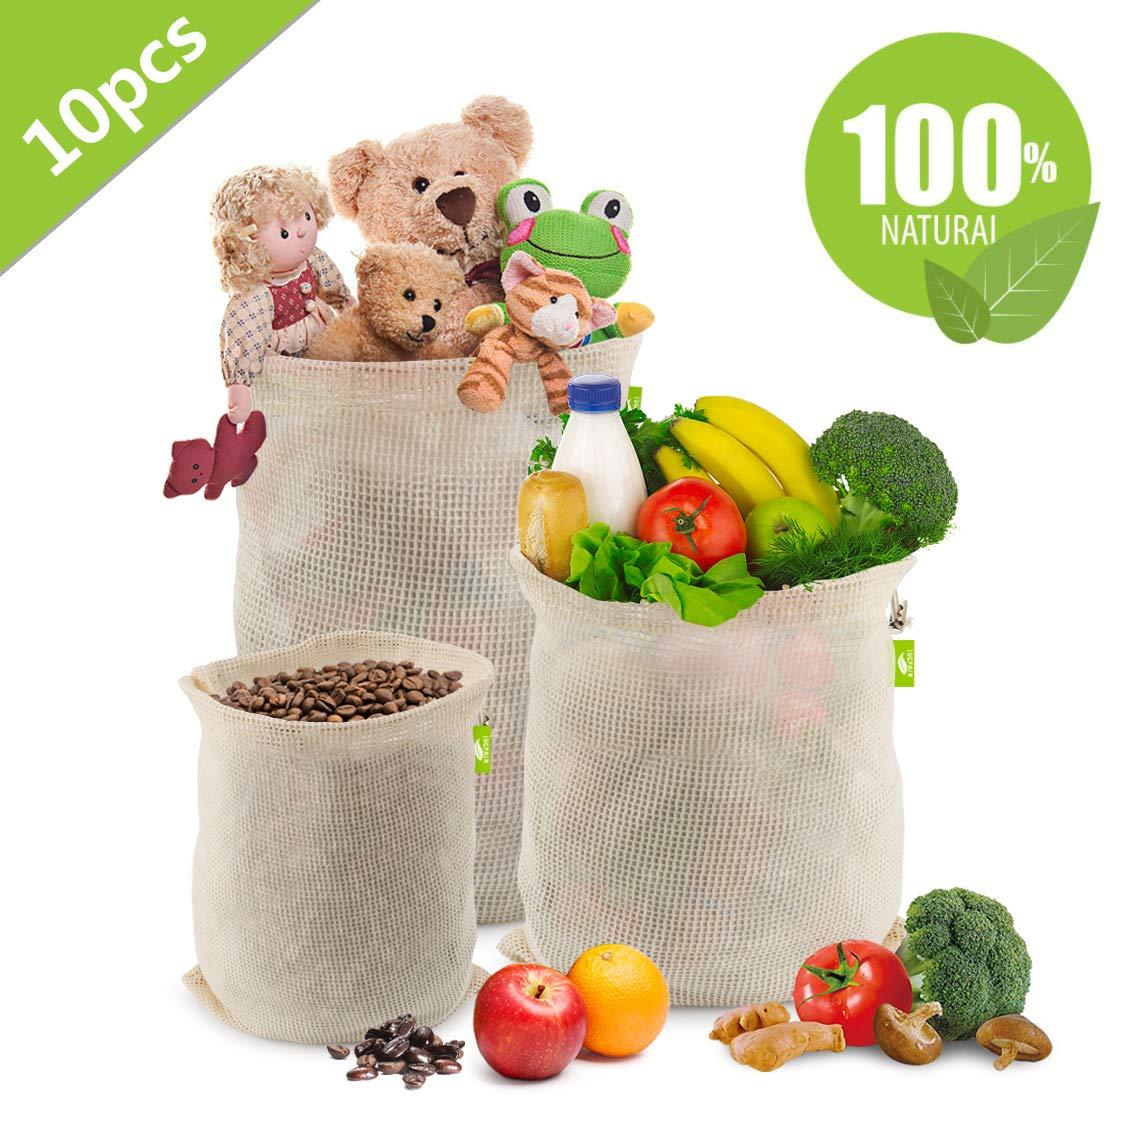 Verdura e Alimentari- 10 Pezzi Sacchetti Verdura Riutilizzabili in Cotone Ecologici Lavabile Borse Frutta Riutilizzabili in Rete con Coulisse per Frutta Ezlife Sacchetti Riutilizzabili Ortofrutta